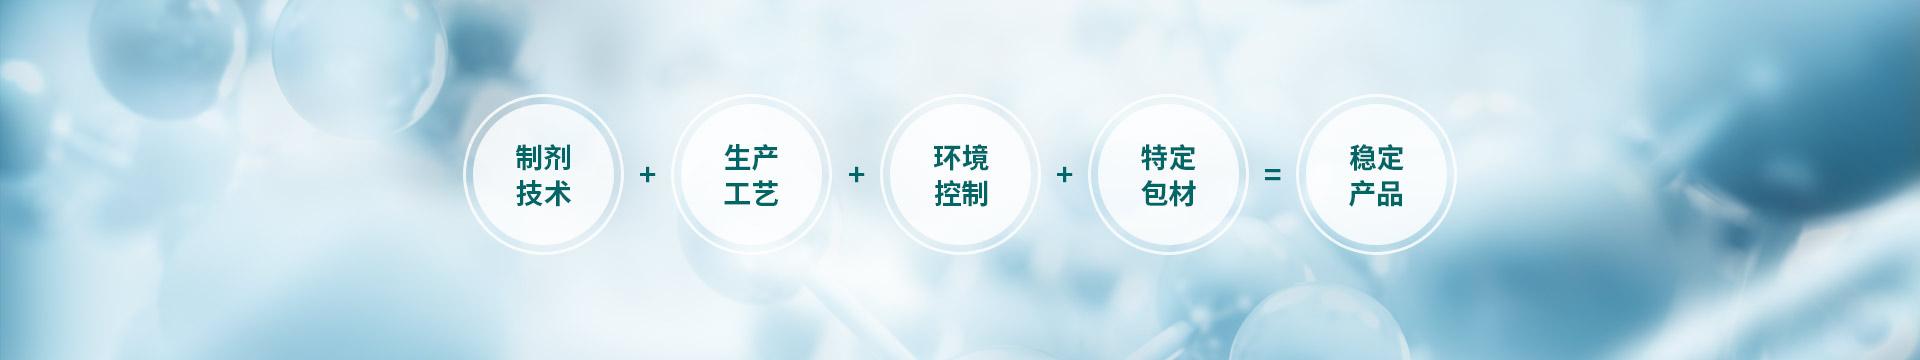 康地恩,制剂技术+生产工艺+环境控制+特定包材=稳定产品